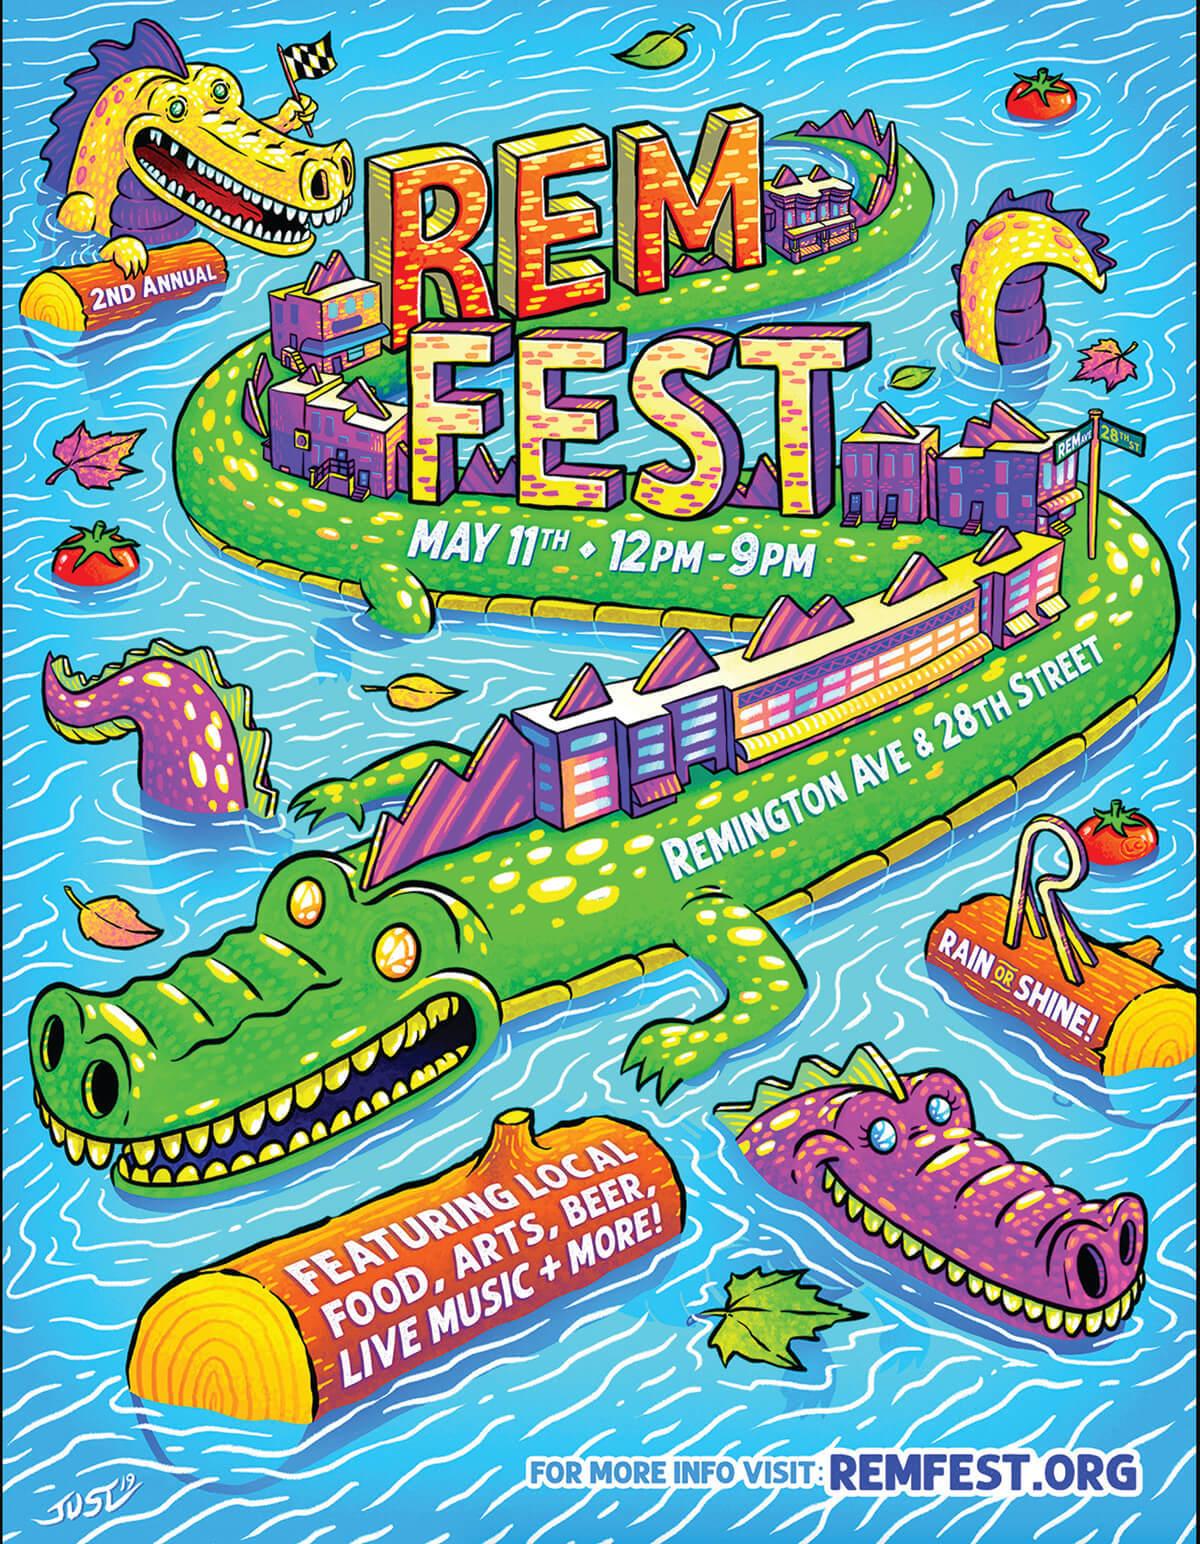 Remfest Poster